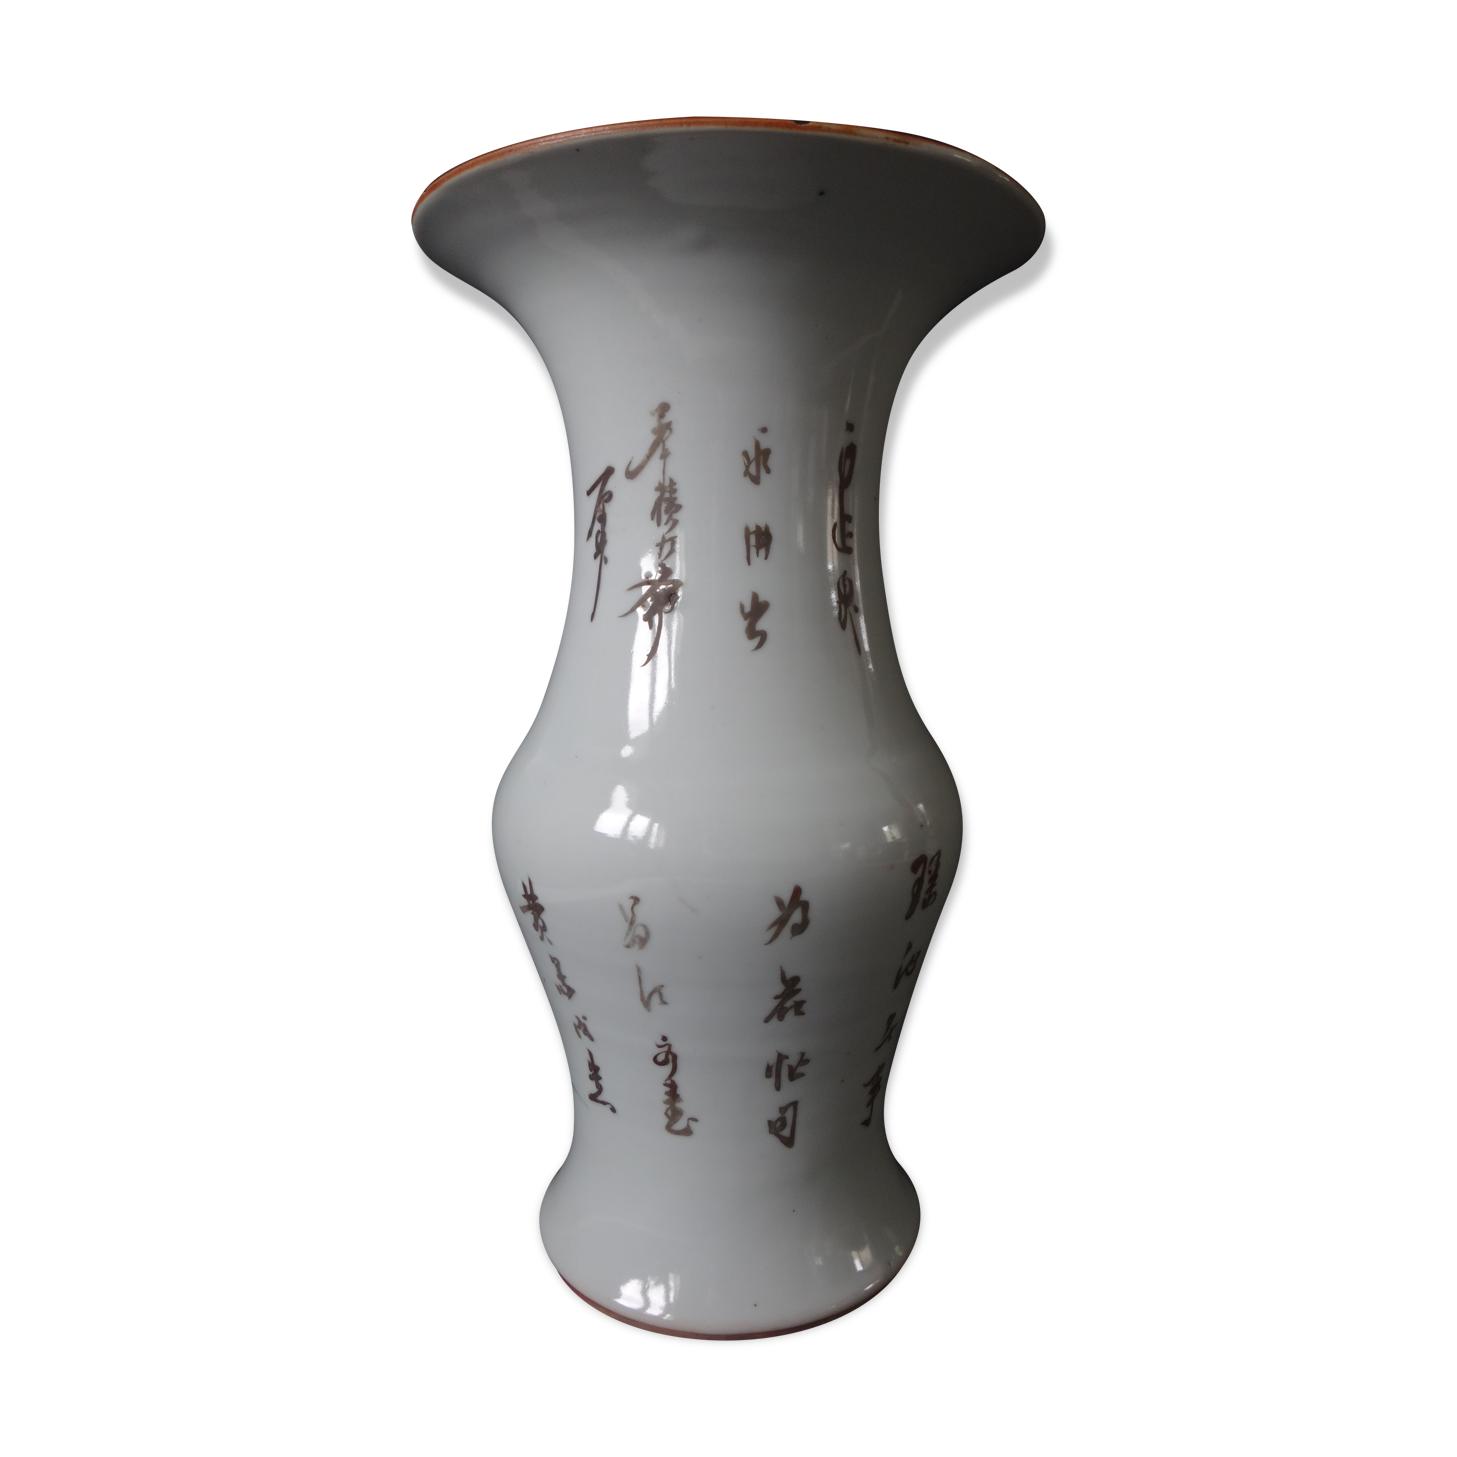 Ancien vase balustre chinois porcelaine chine poeme marque Qing XIX